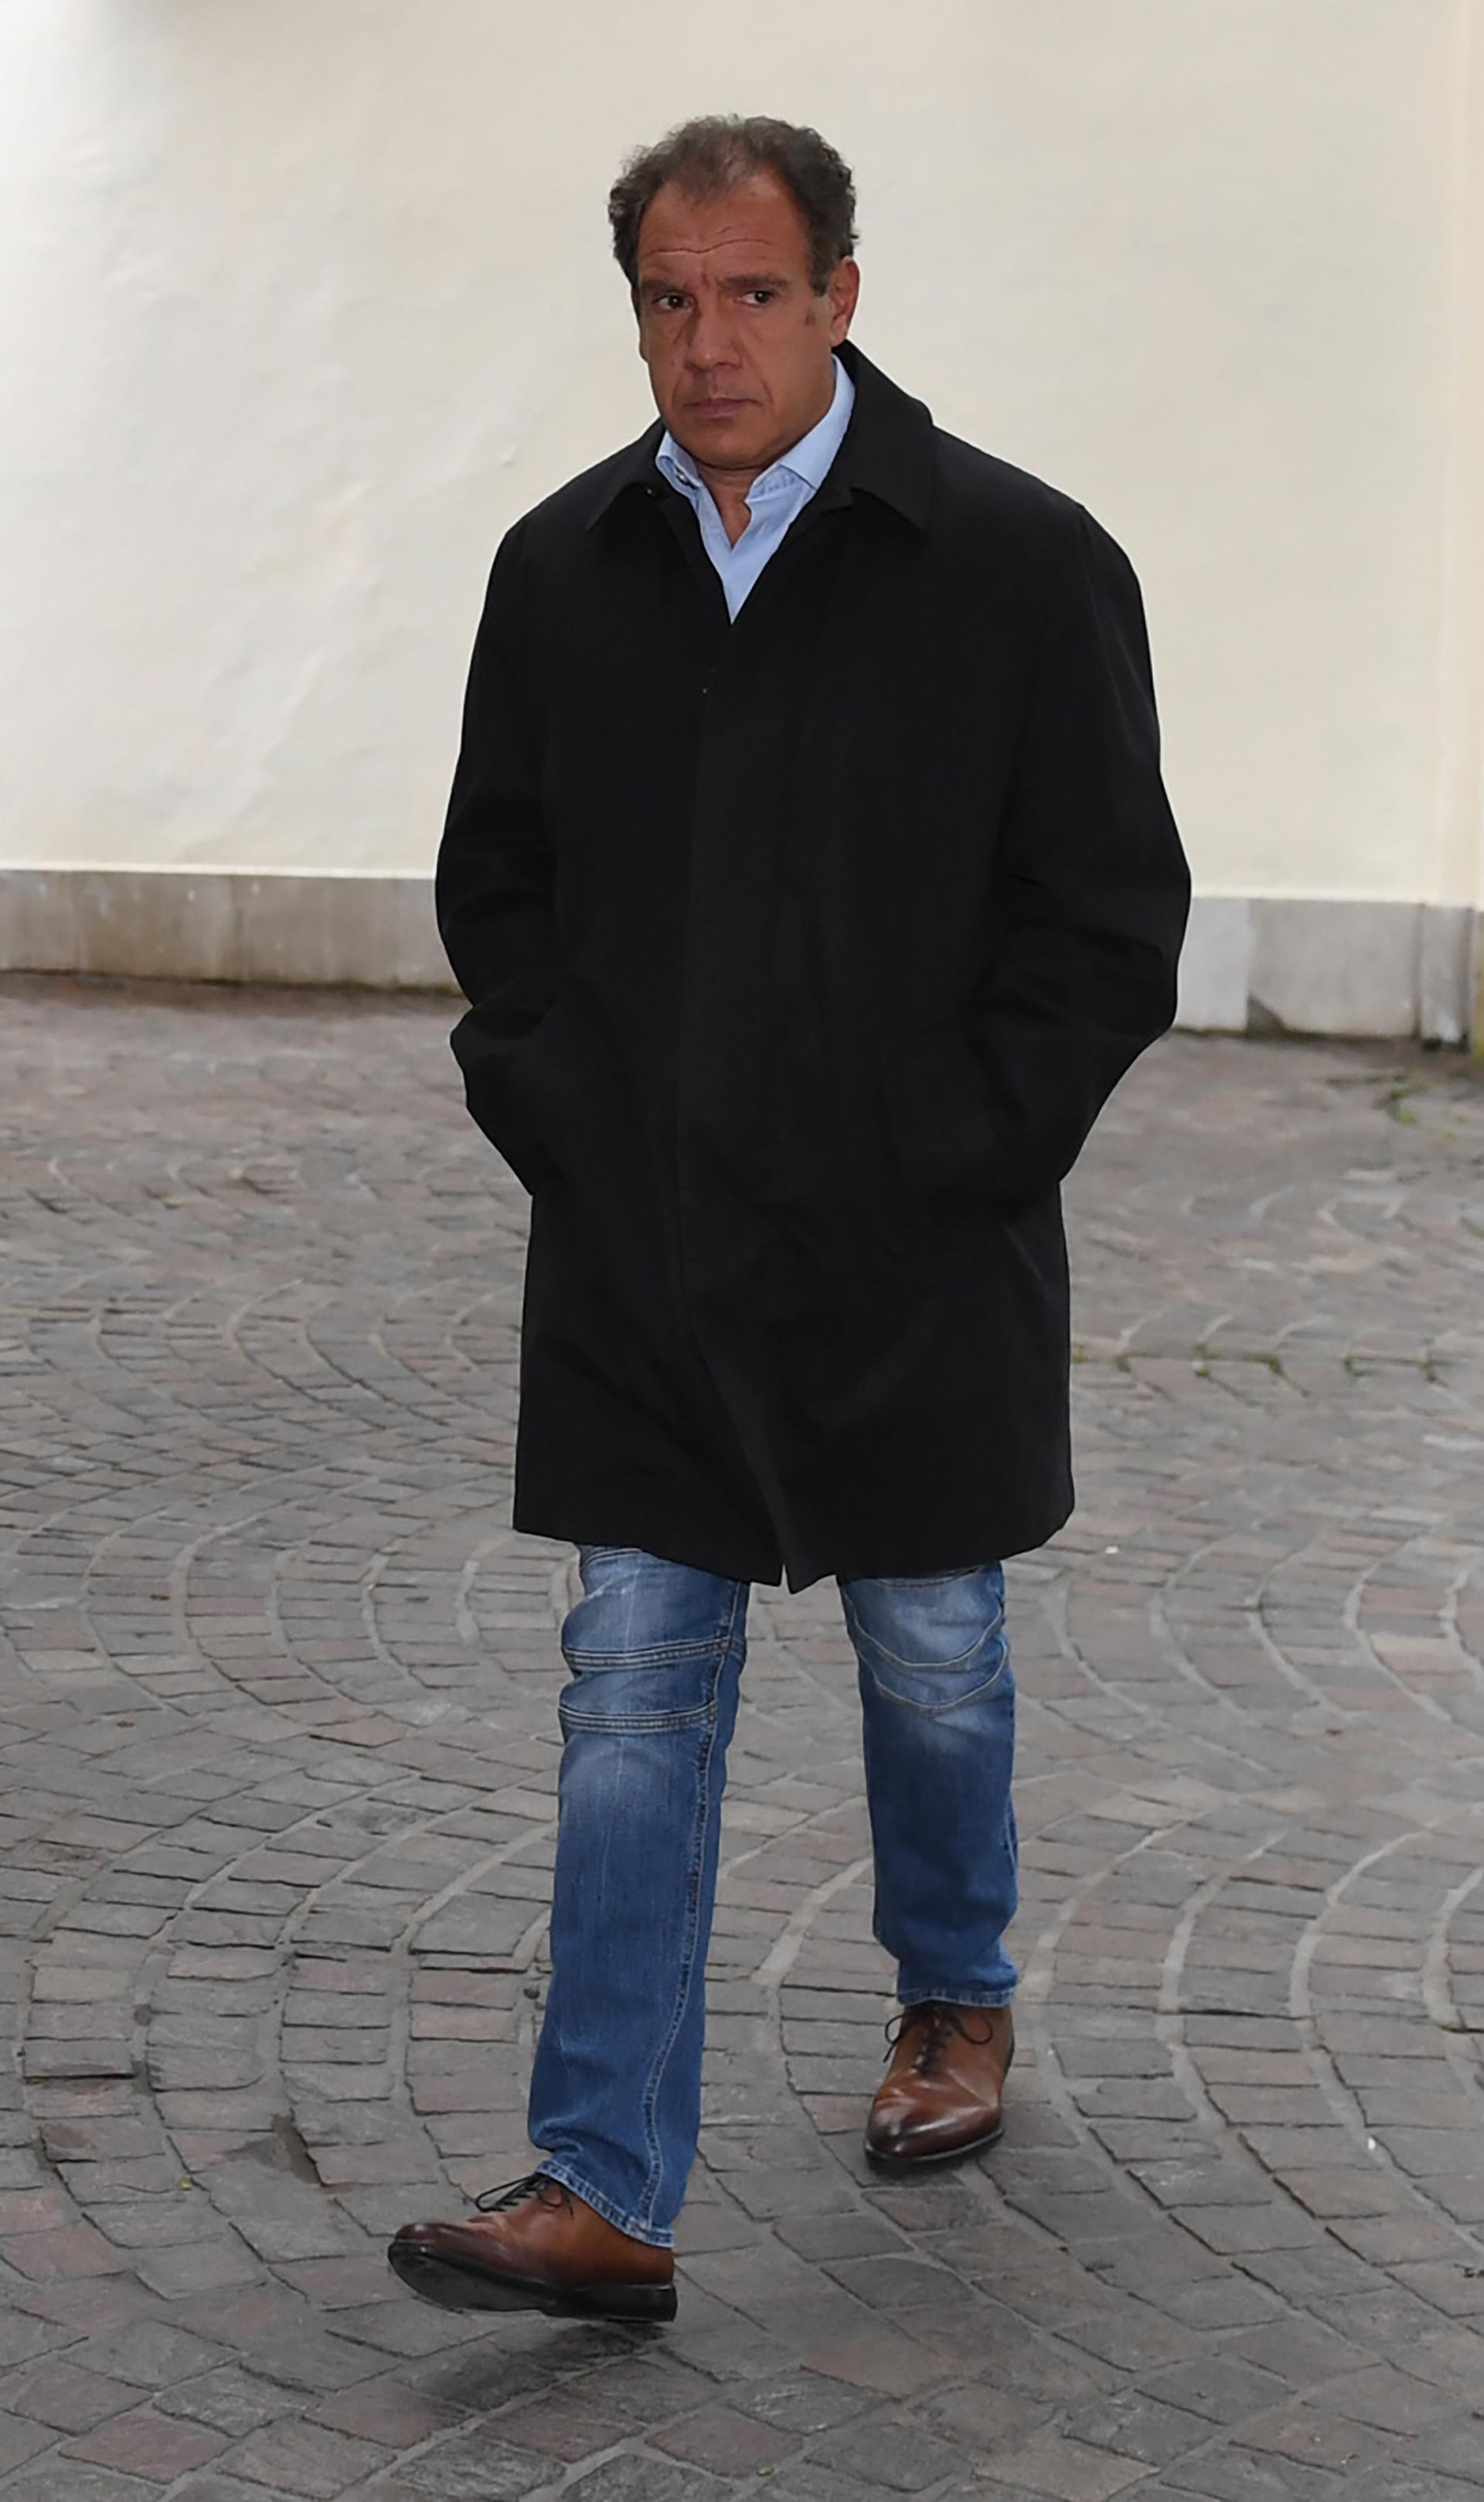 Daniel Hadad, fundador y CEO de Infobae, donde Zlotogwiazda era columnista